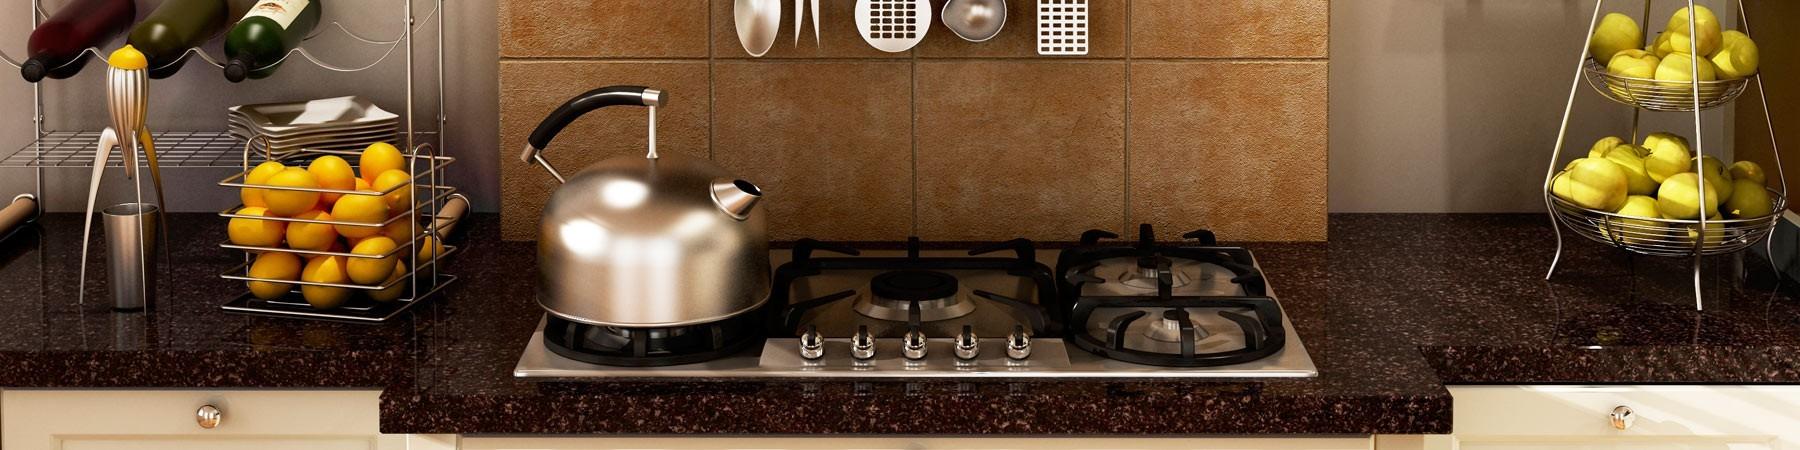 Khay,giá,kệ thông minh tiện ích phòng bếp gia đình